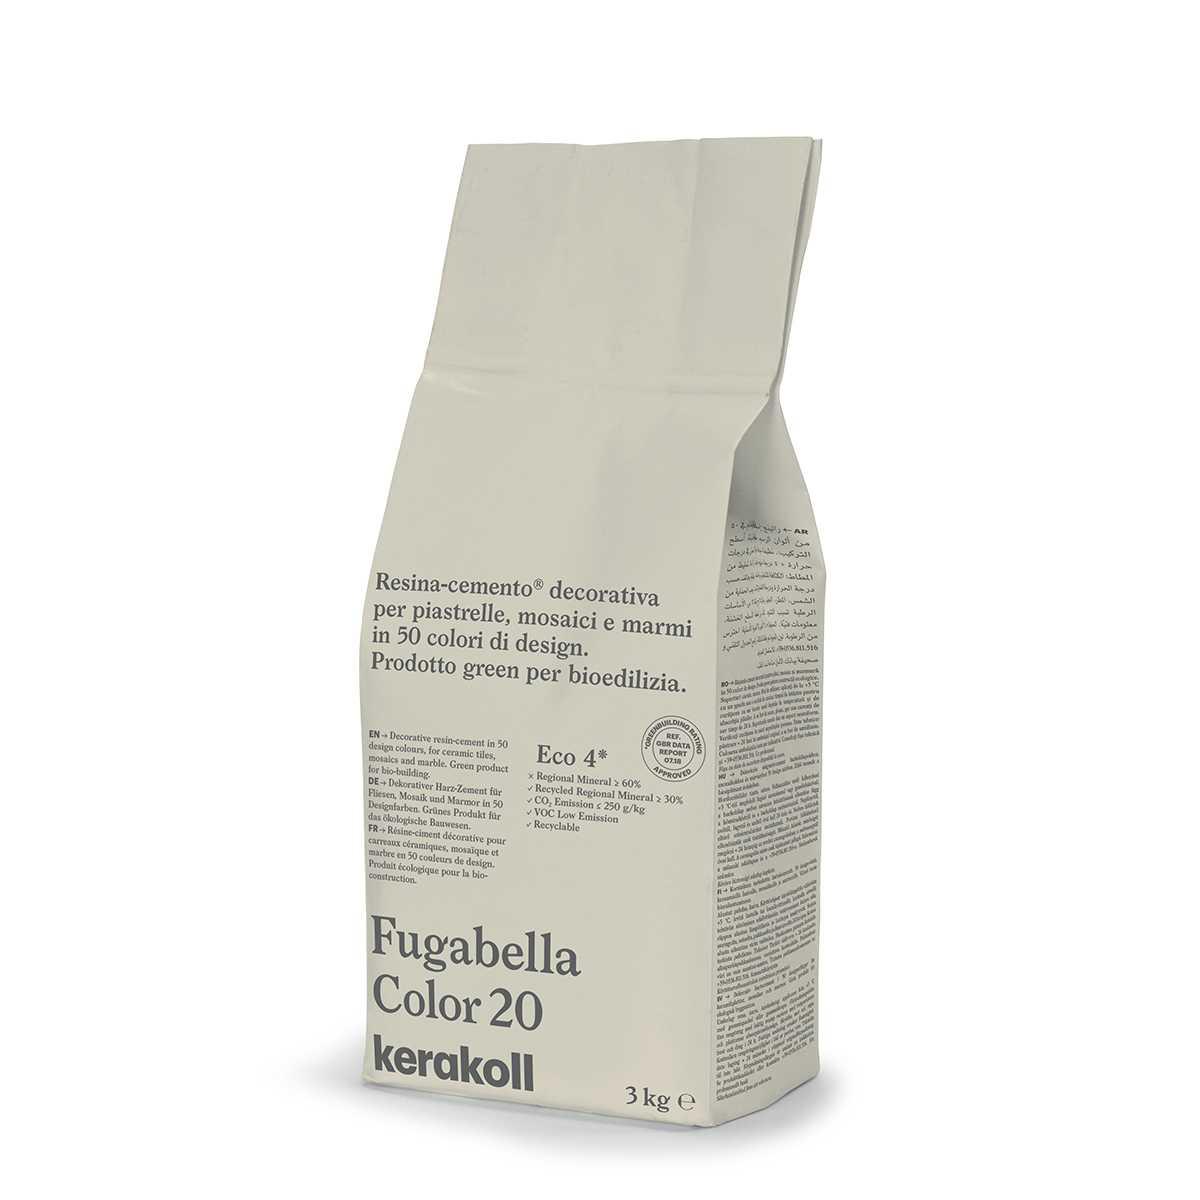 Kerakoll Fugabella Color 20 3kg stucco per fughe uso interno ed esterno